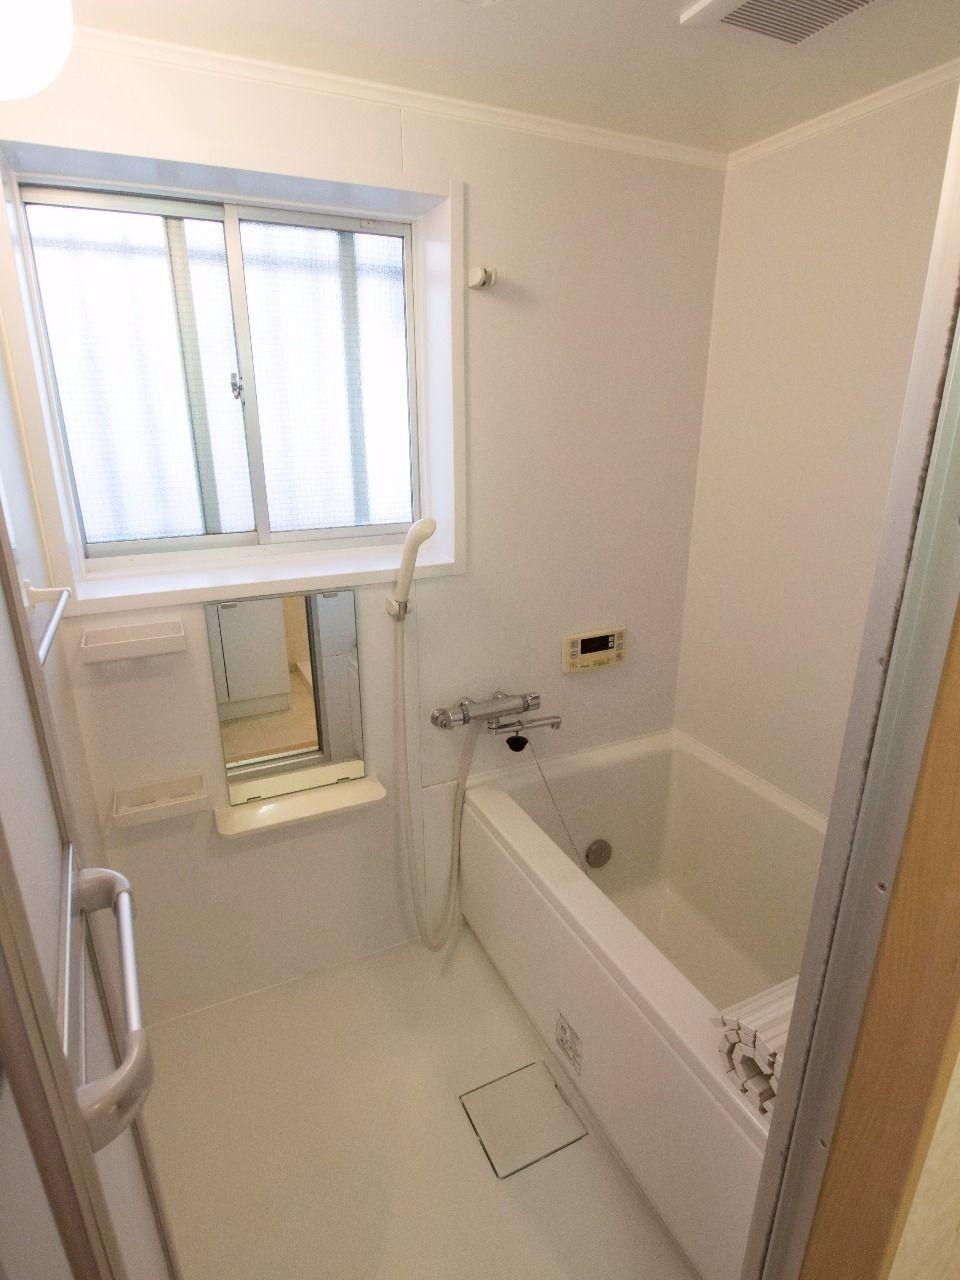 窓のあるバスルームは追い焚き機能付き